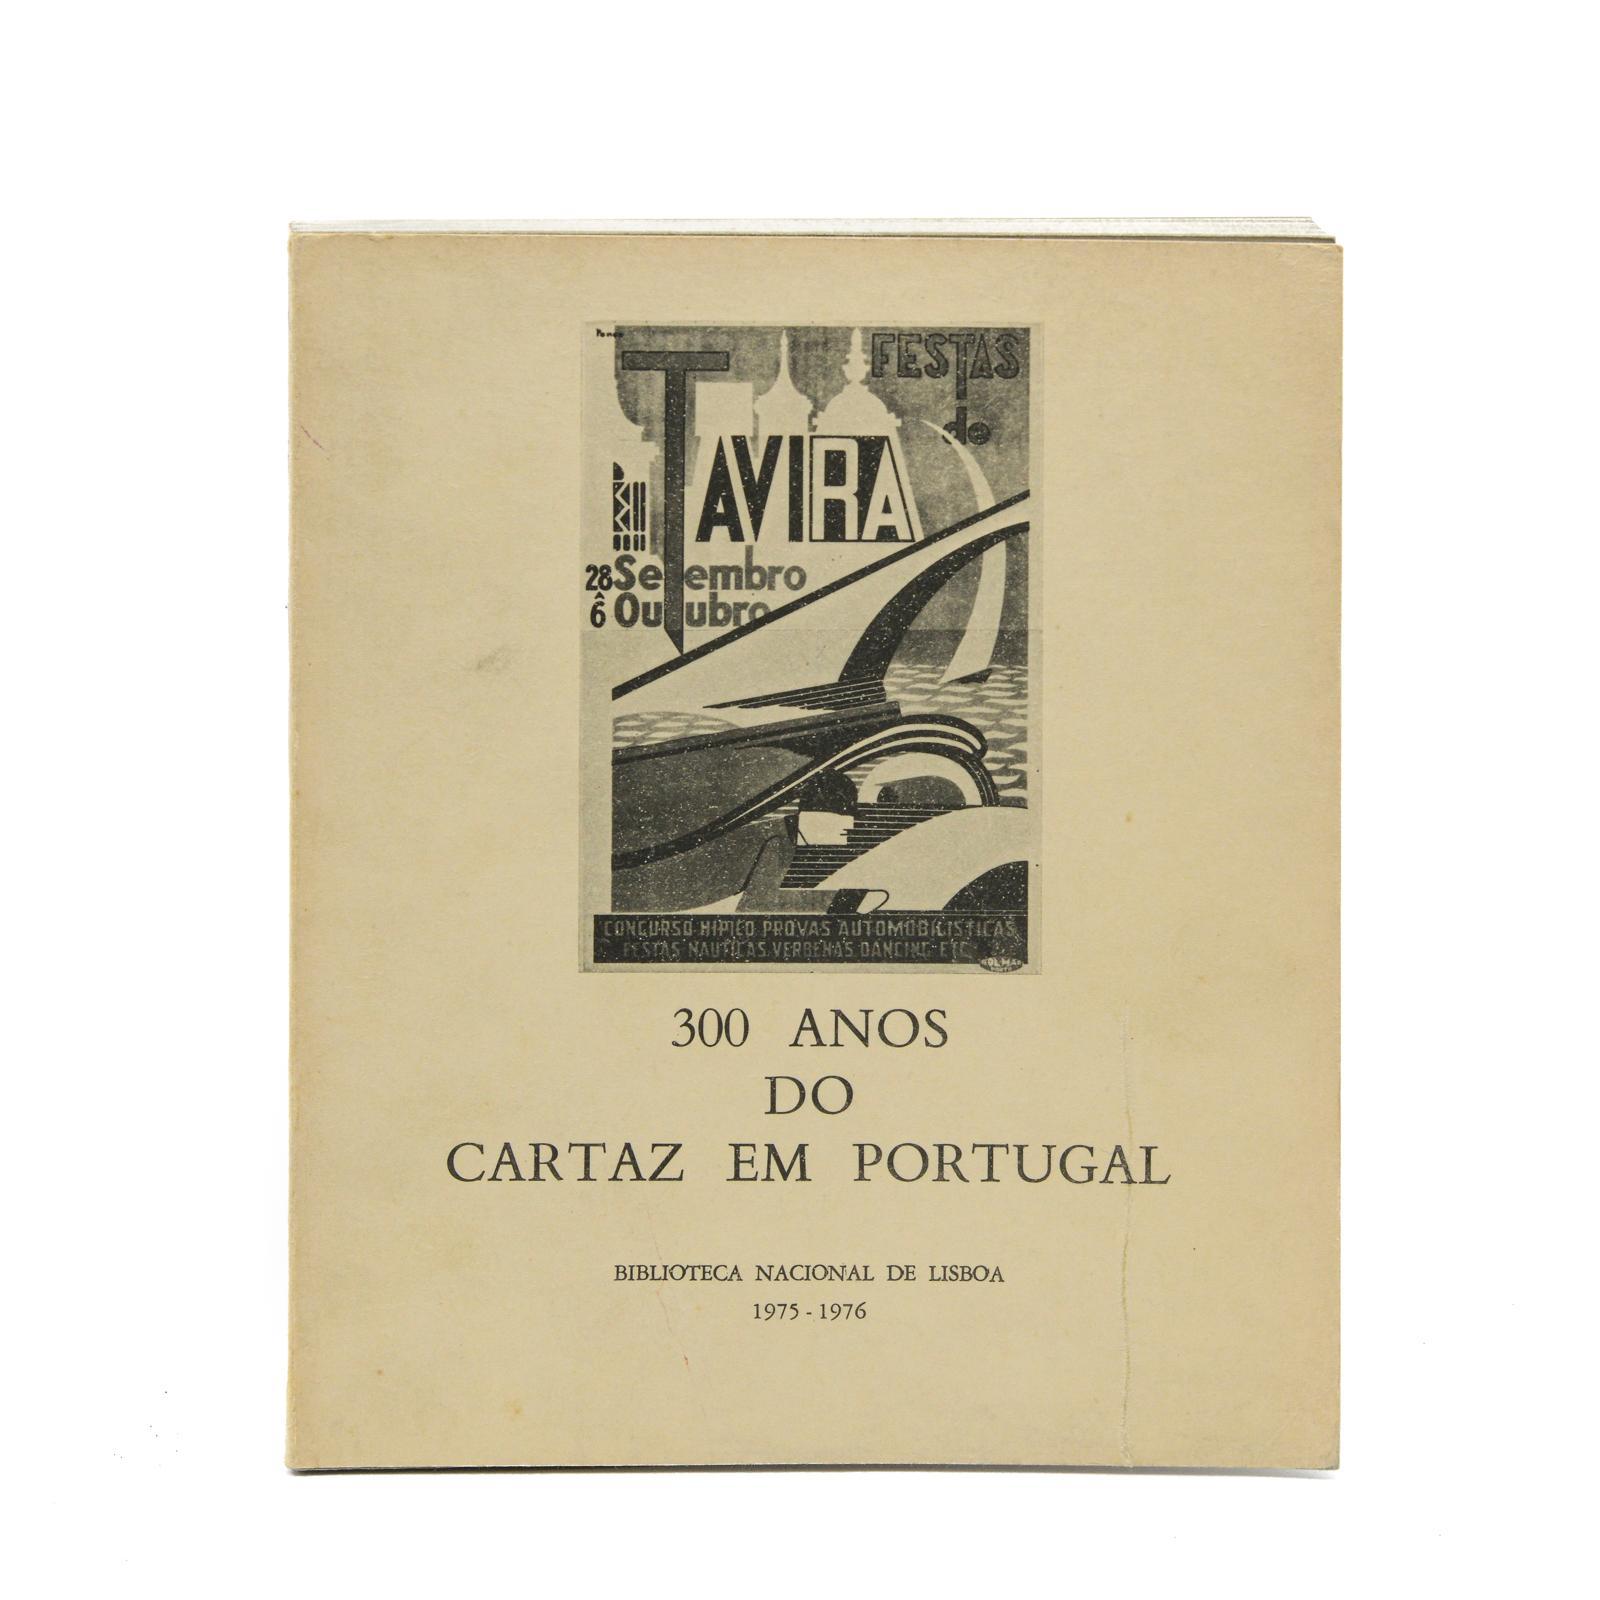 300 ANOS DO CARTAZ EM PORTUGAL, 1 vol. br.